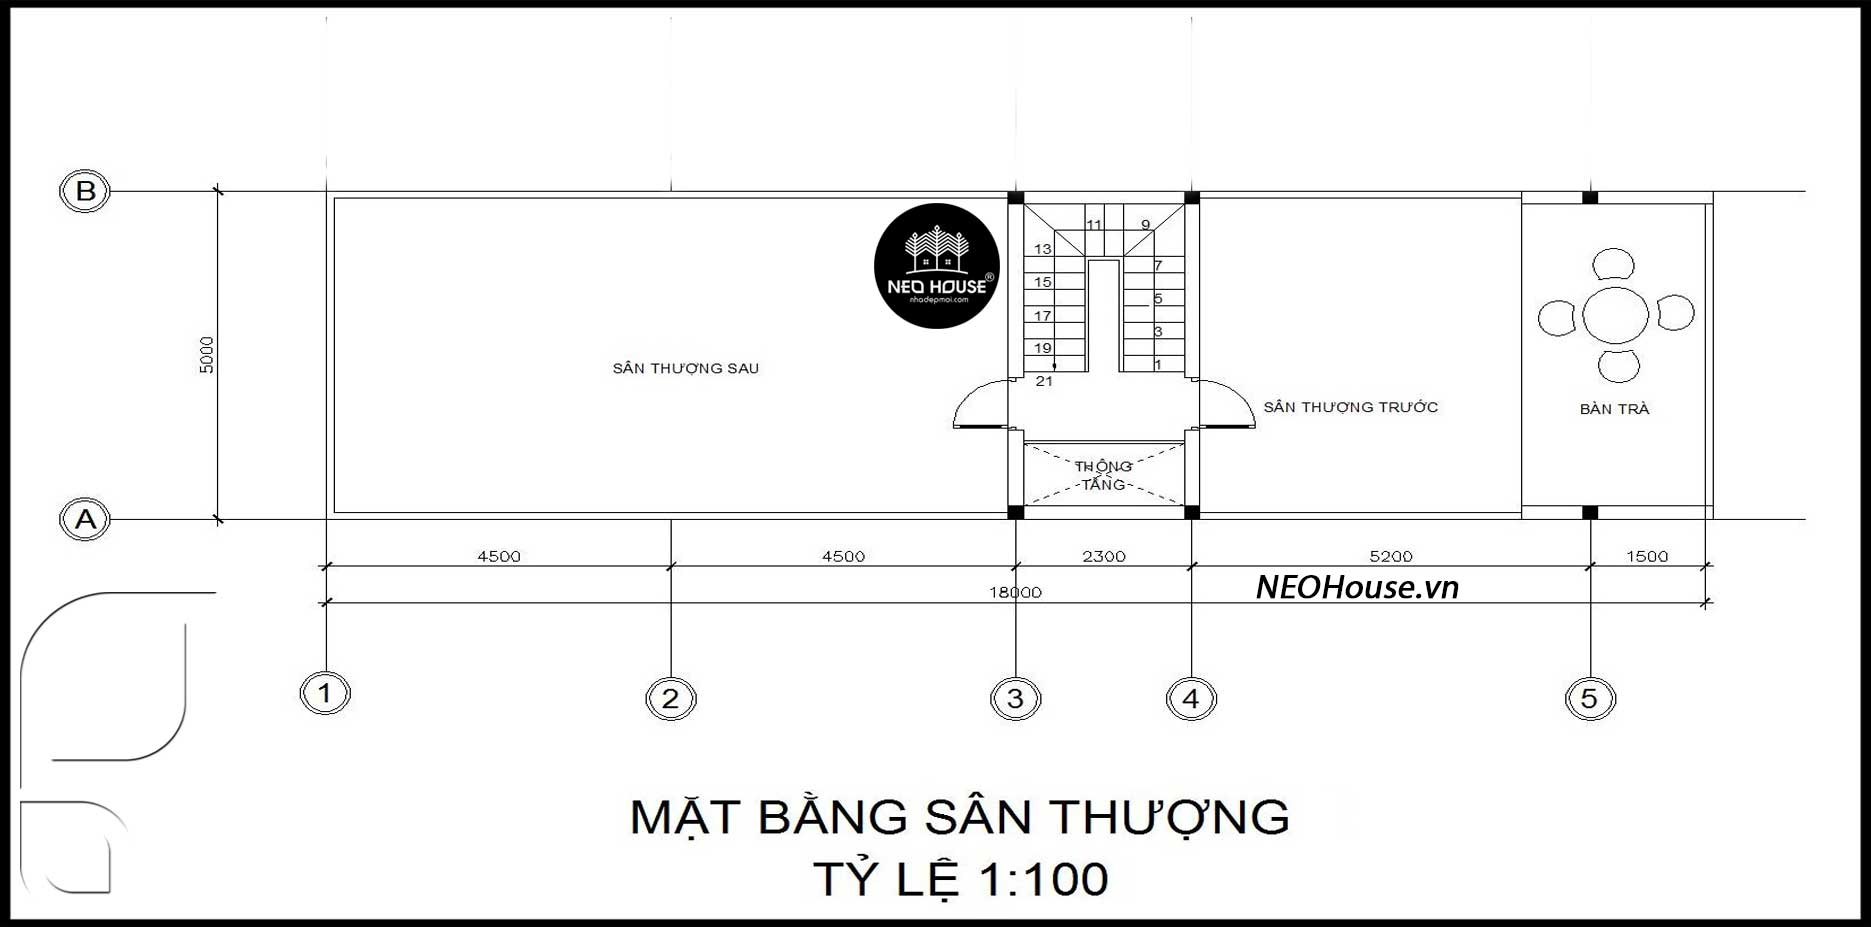 Mặt bằng tầng tum nhà ống 2 tầng 1 tum 3 phòng ngủ